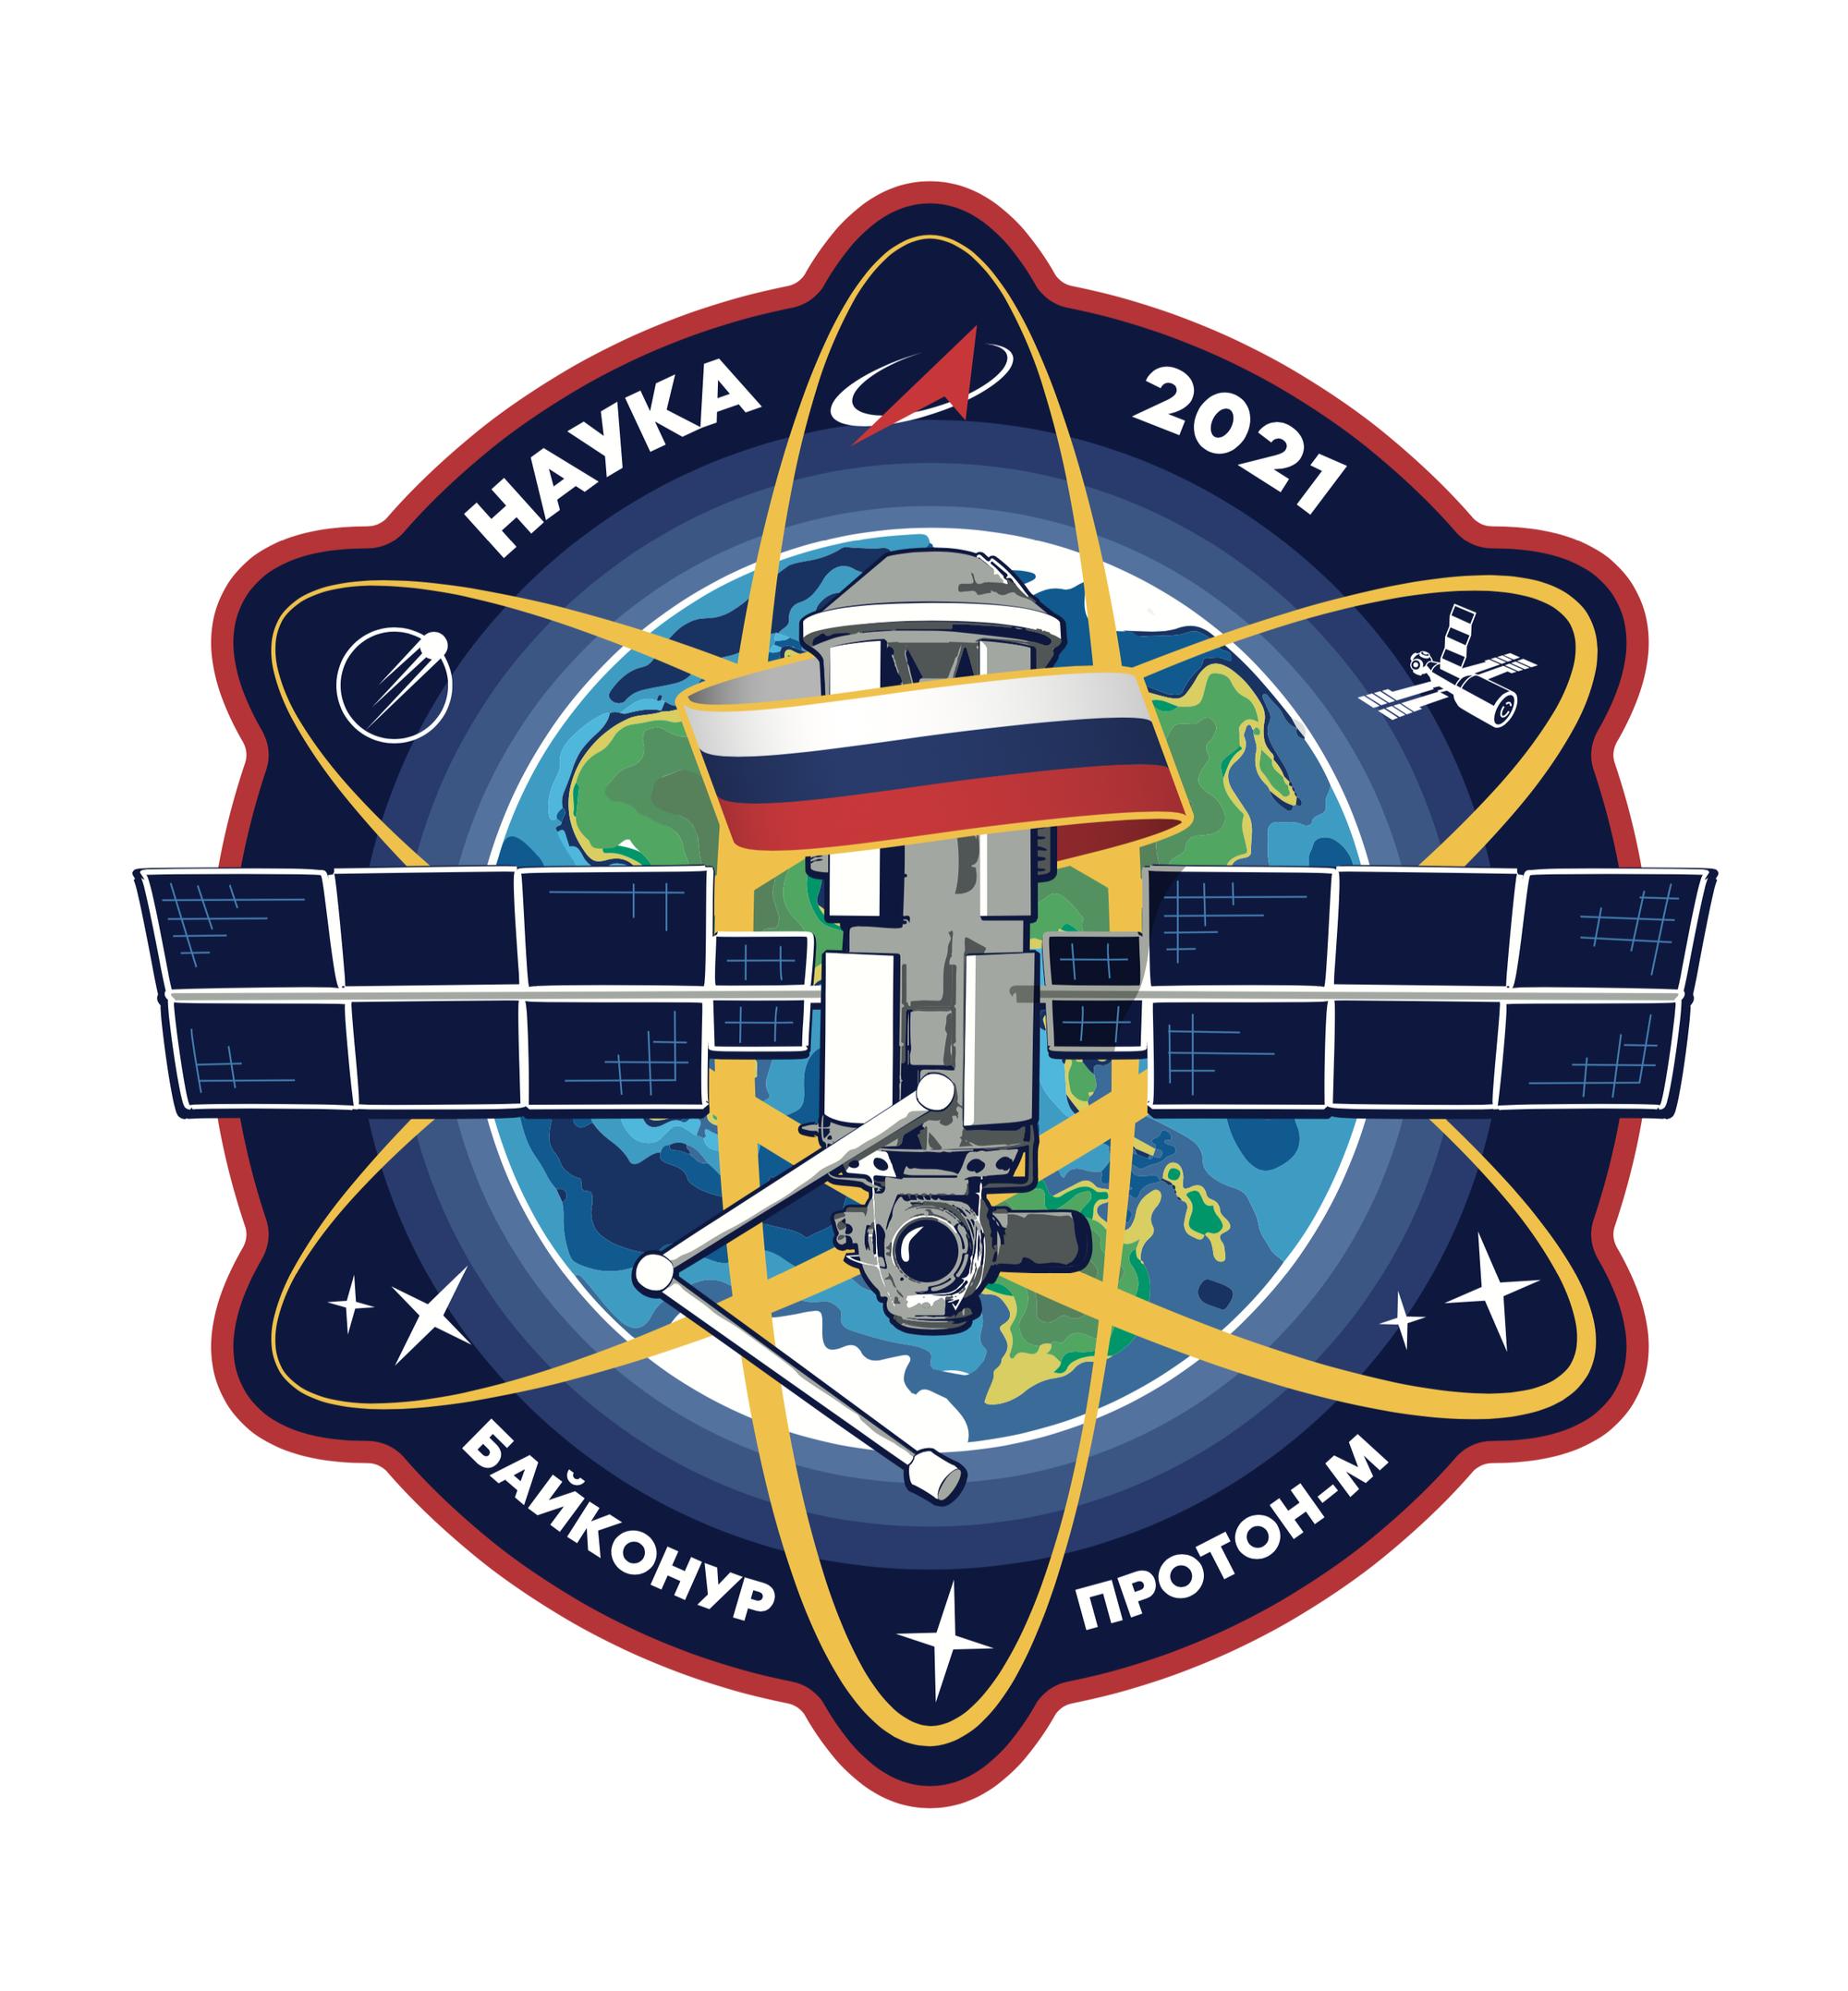 Le logo du module Naouka.